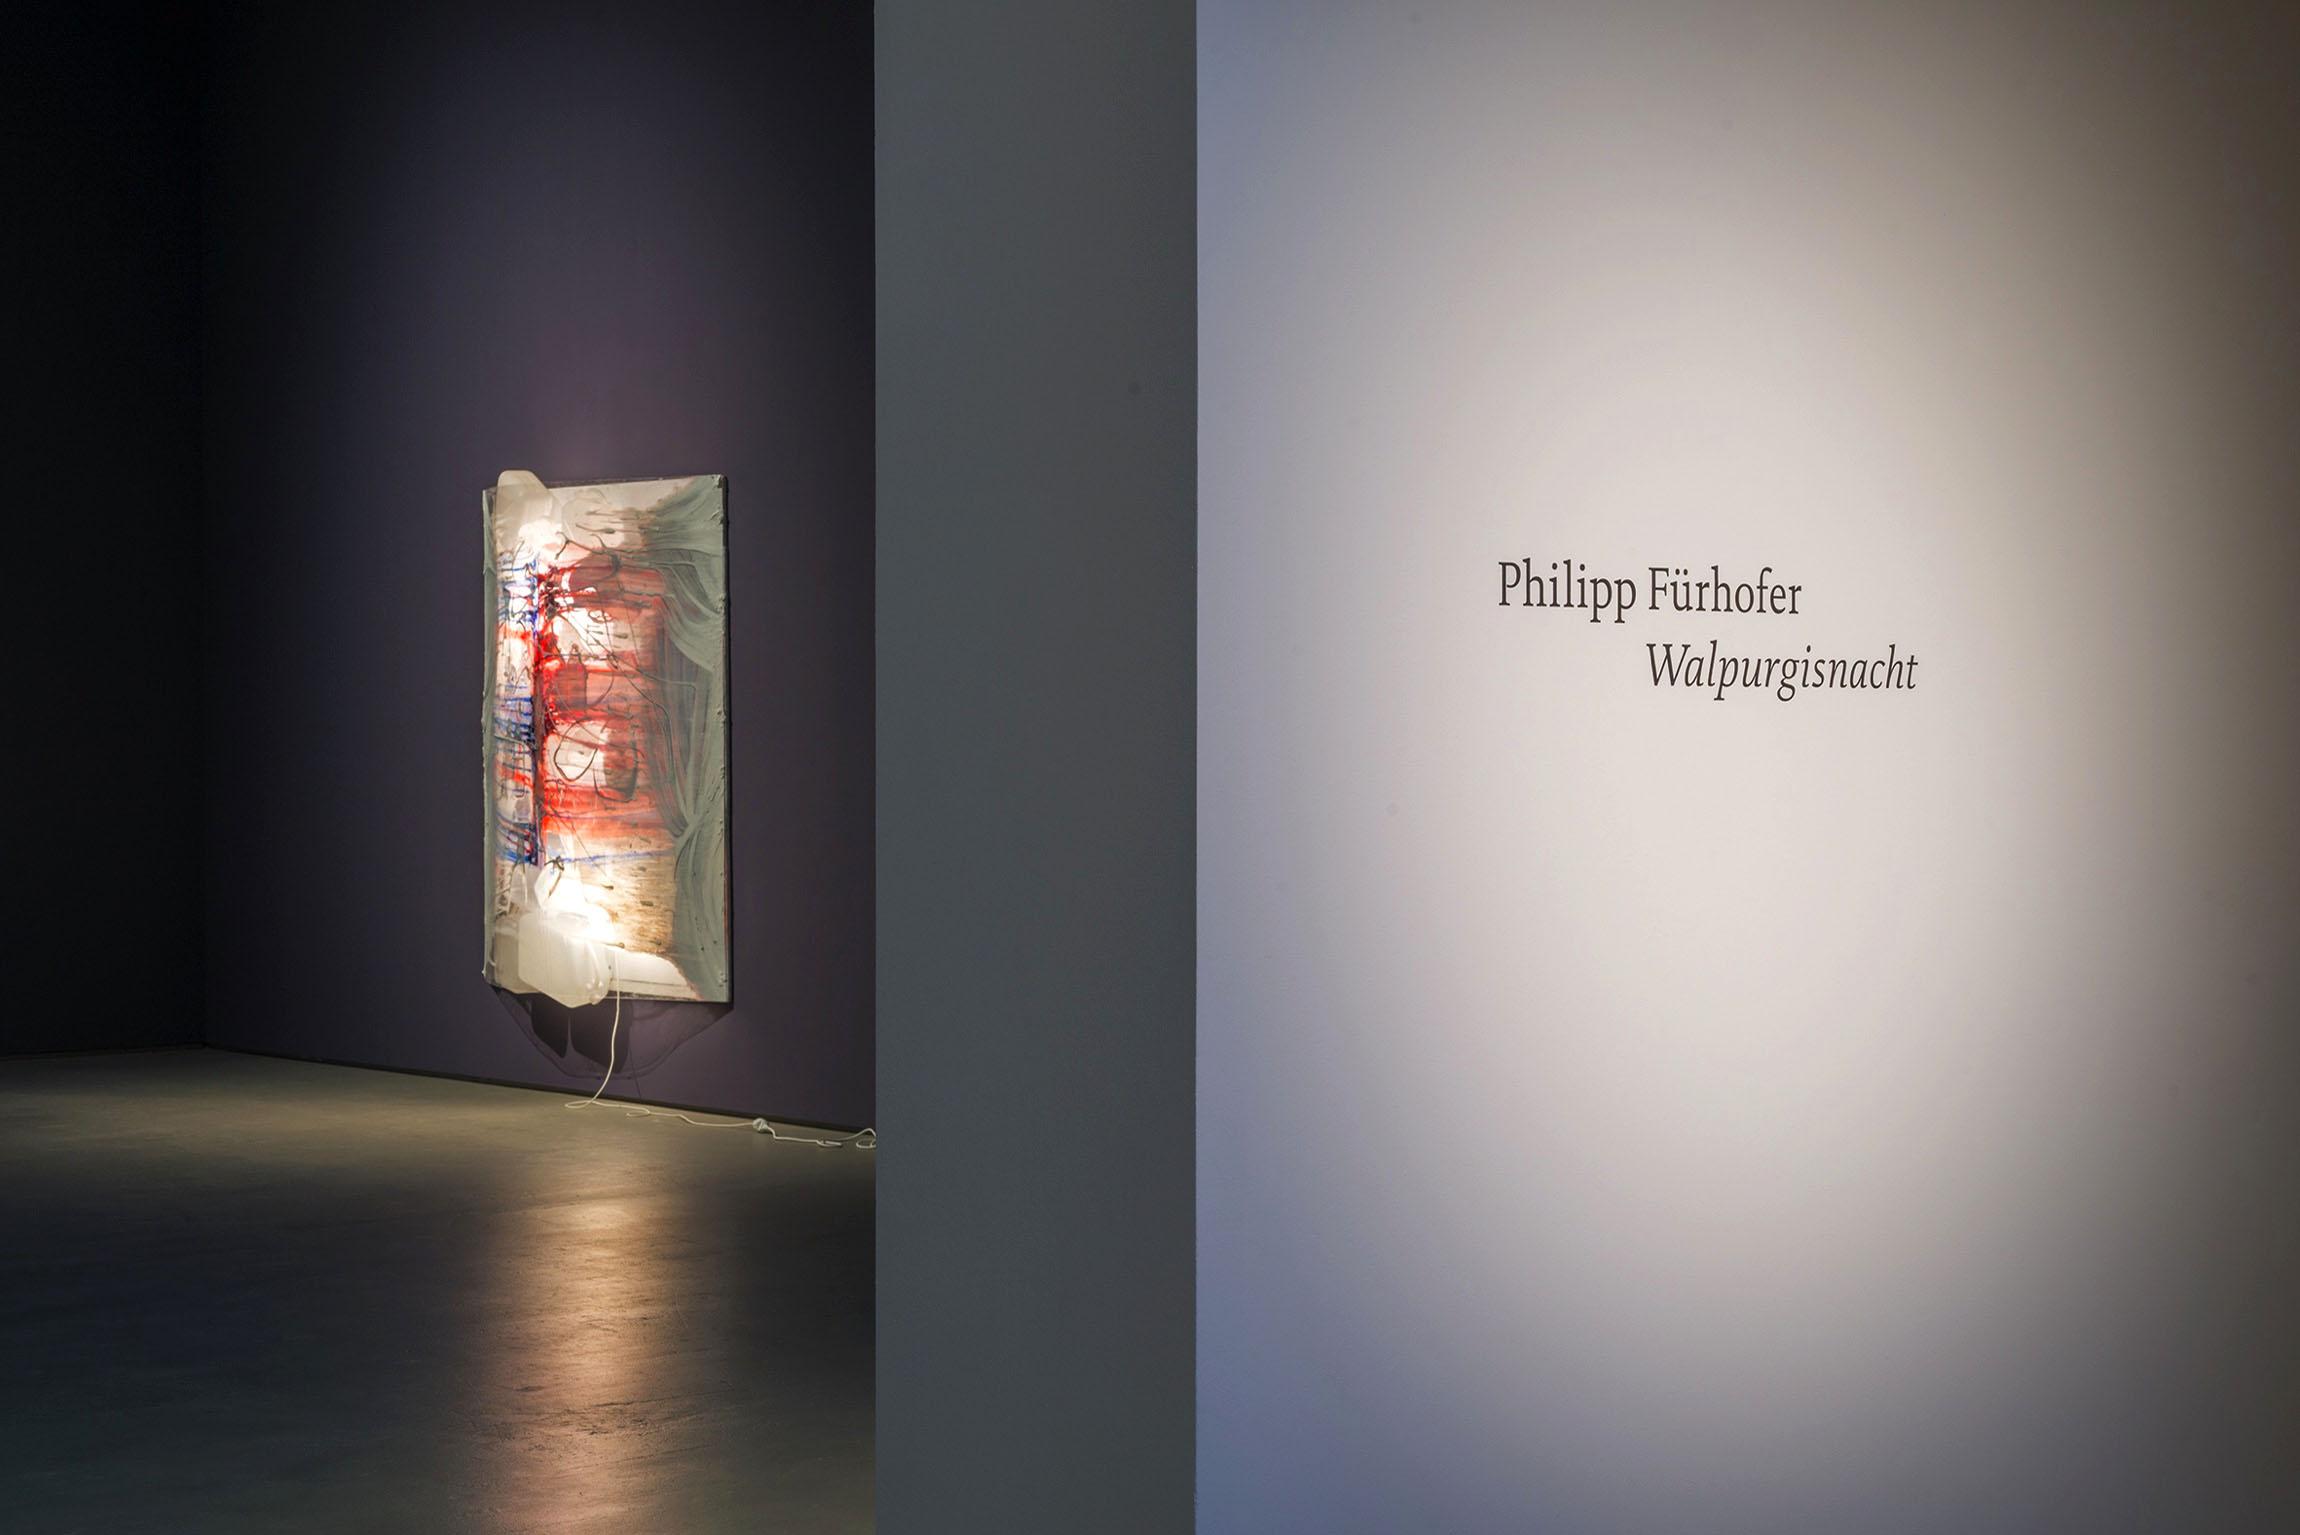 2018 Philipp Fürhofer Walpurgisnacht